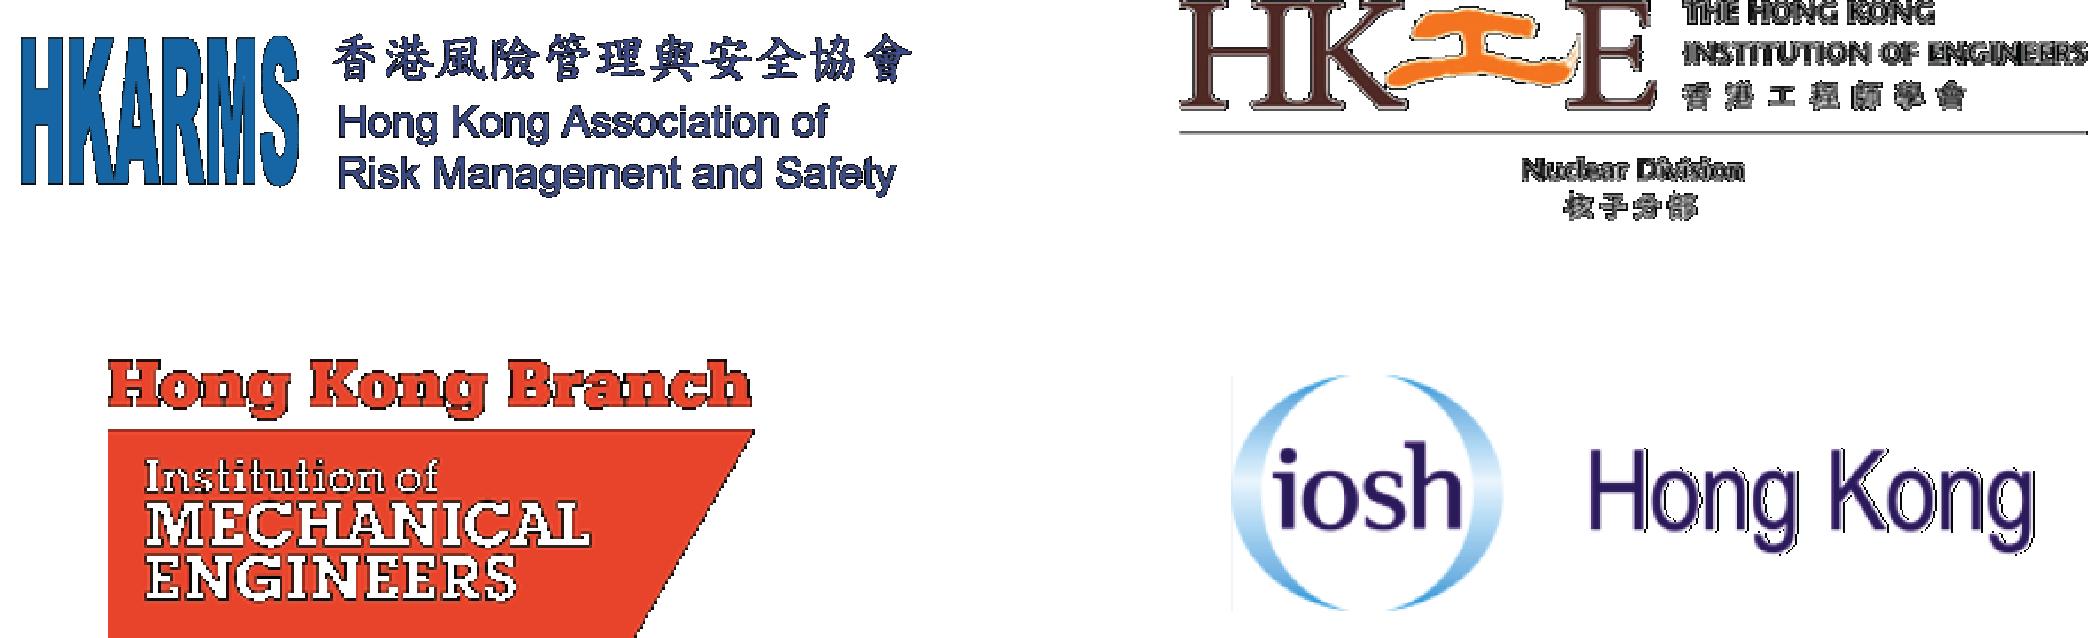 hong kong law society cpd application